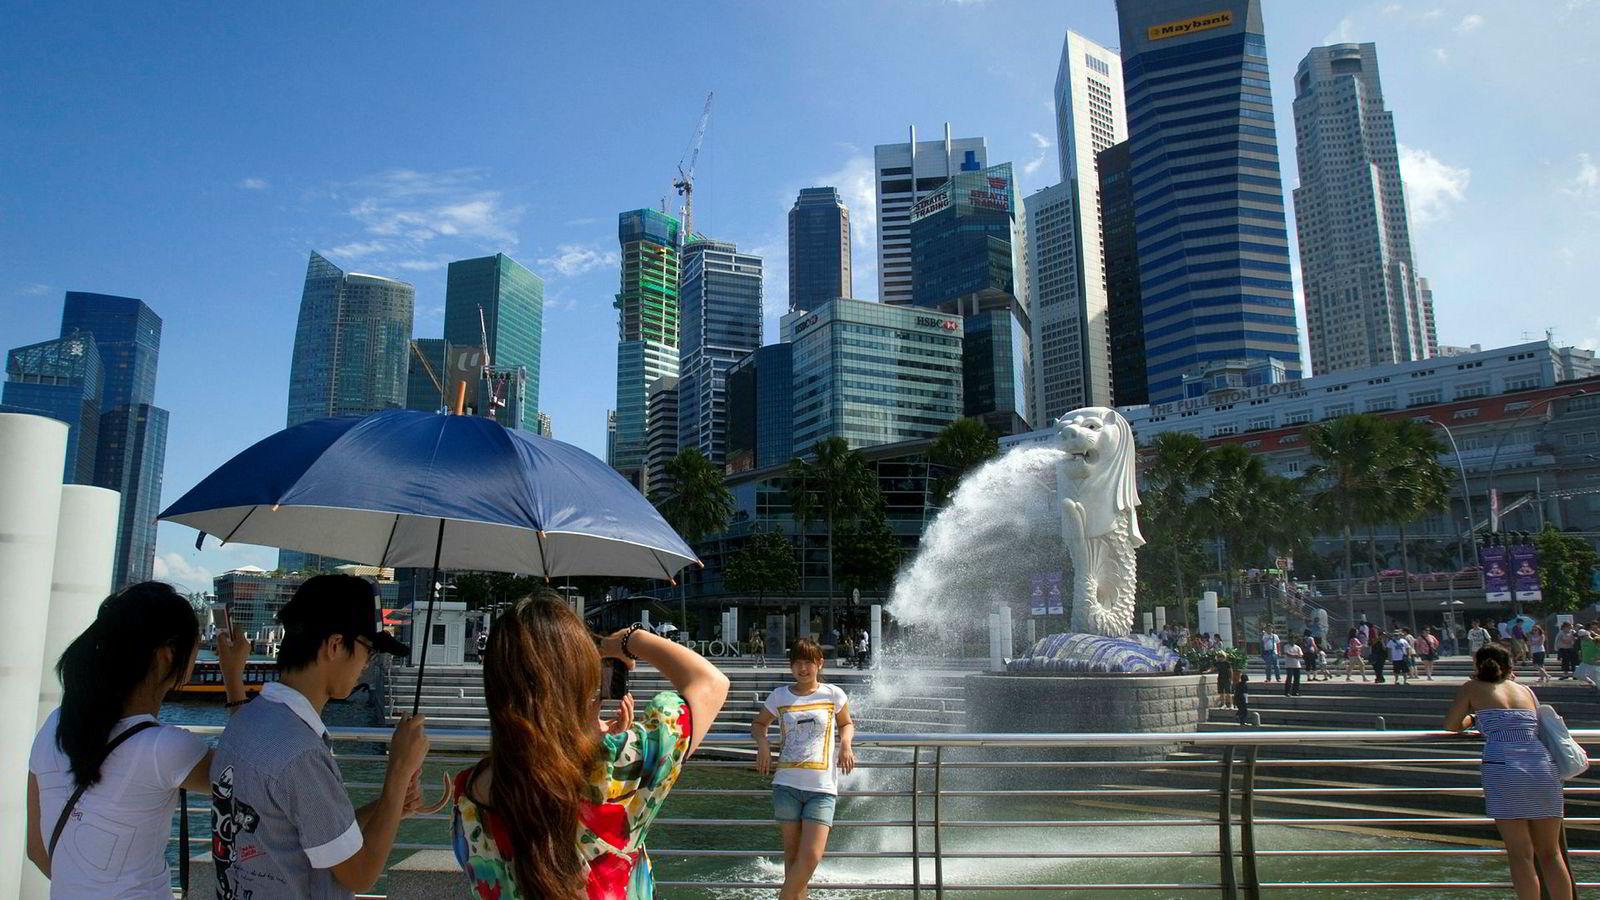 Det er ikke registrert et lengre sammenhengende fall i boligprisene i Singapore siden månedsstatistikker først ble utarbeidet i 1975.